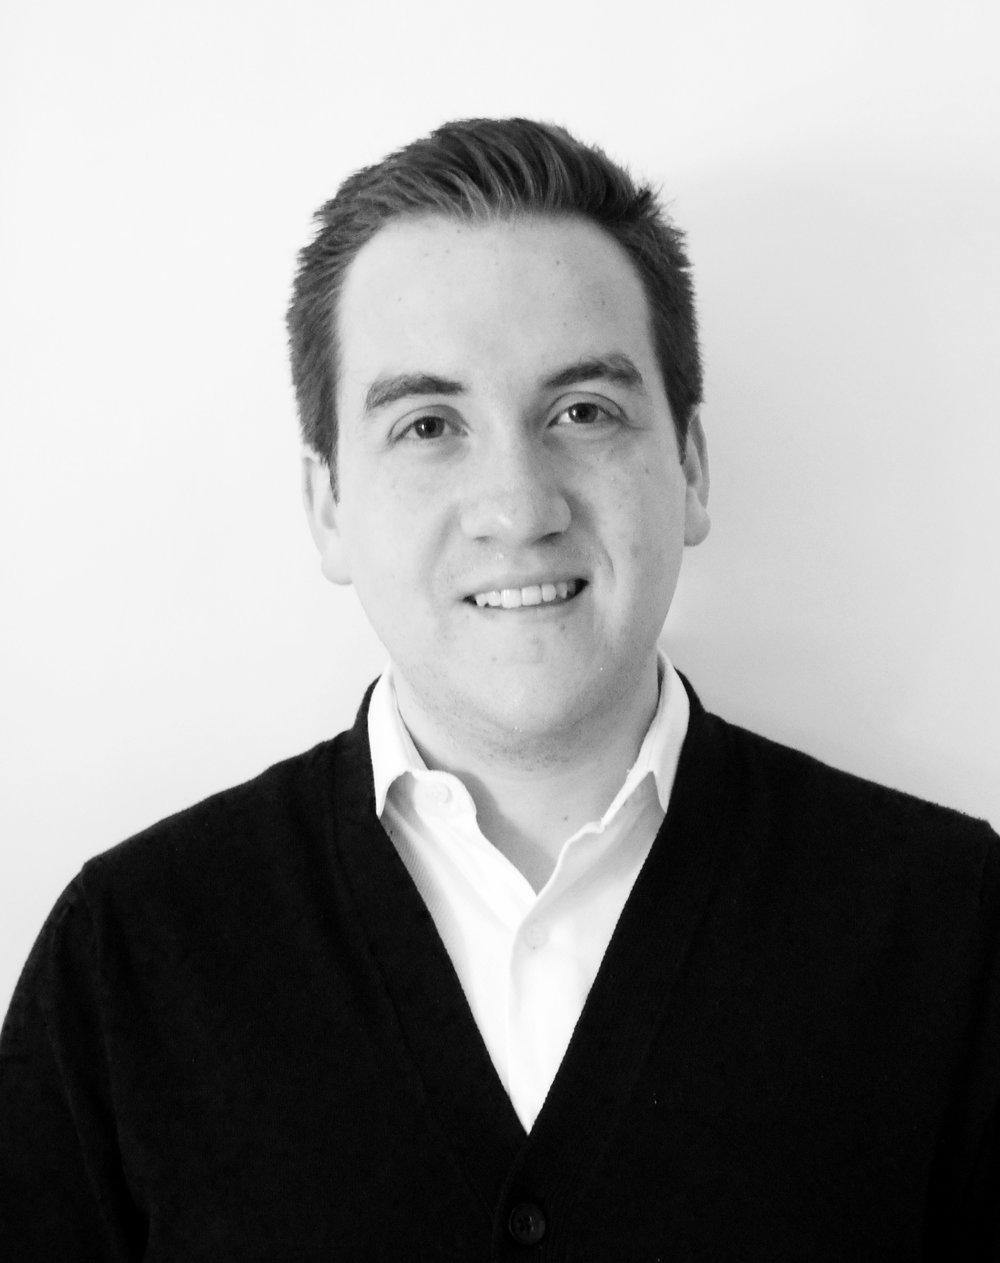 Alejandro Noriega   Alejandro es abogado del ITAM y candidato a maestro en políticas públicas en la  Harvard Kennedy School . Sus intereses se encuentran en la intersección entre el Derecho y las Ciencias del Comportamiento; la capacidad que esto presenta para diseñar regulación inteligente, así como en el potencial de los métodos empíricos para construir capacidad estatal en México.